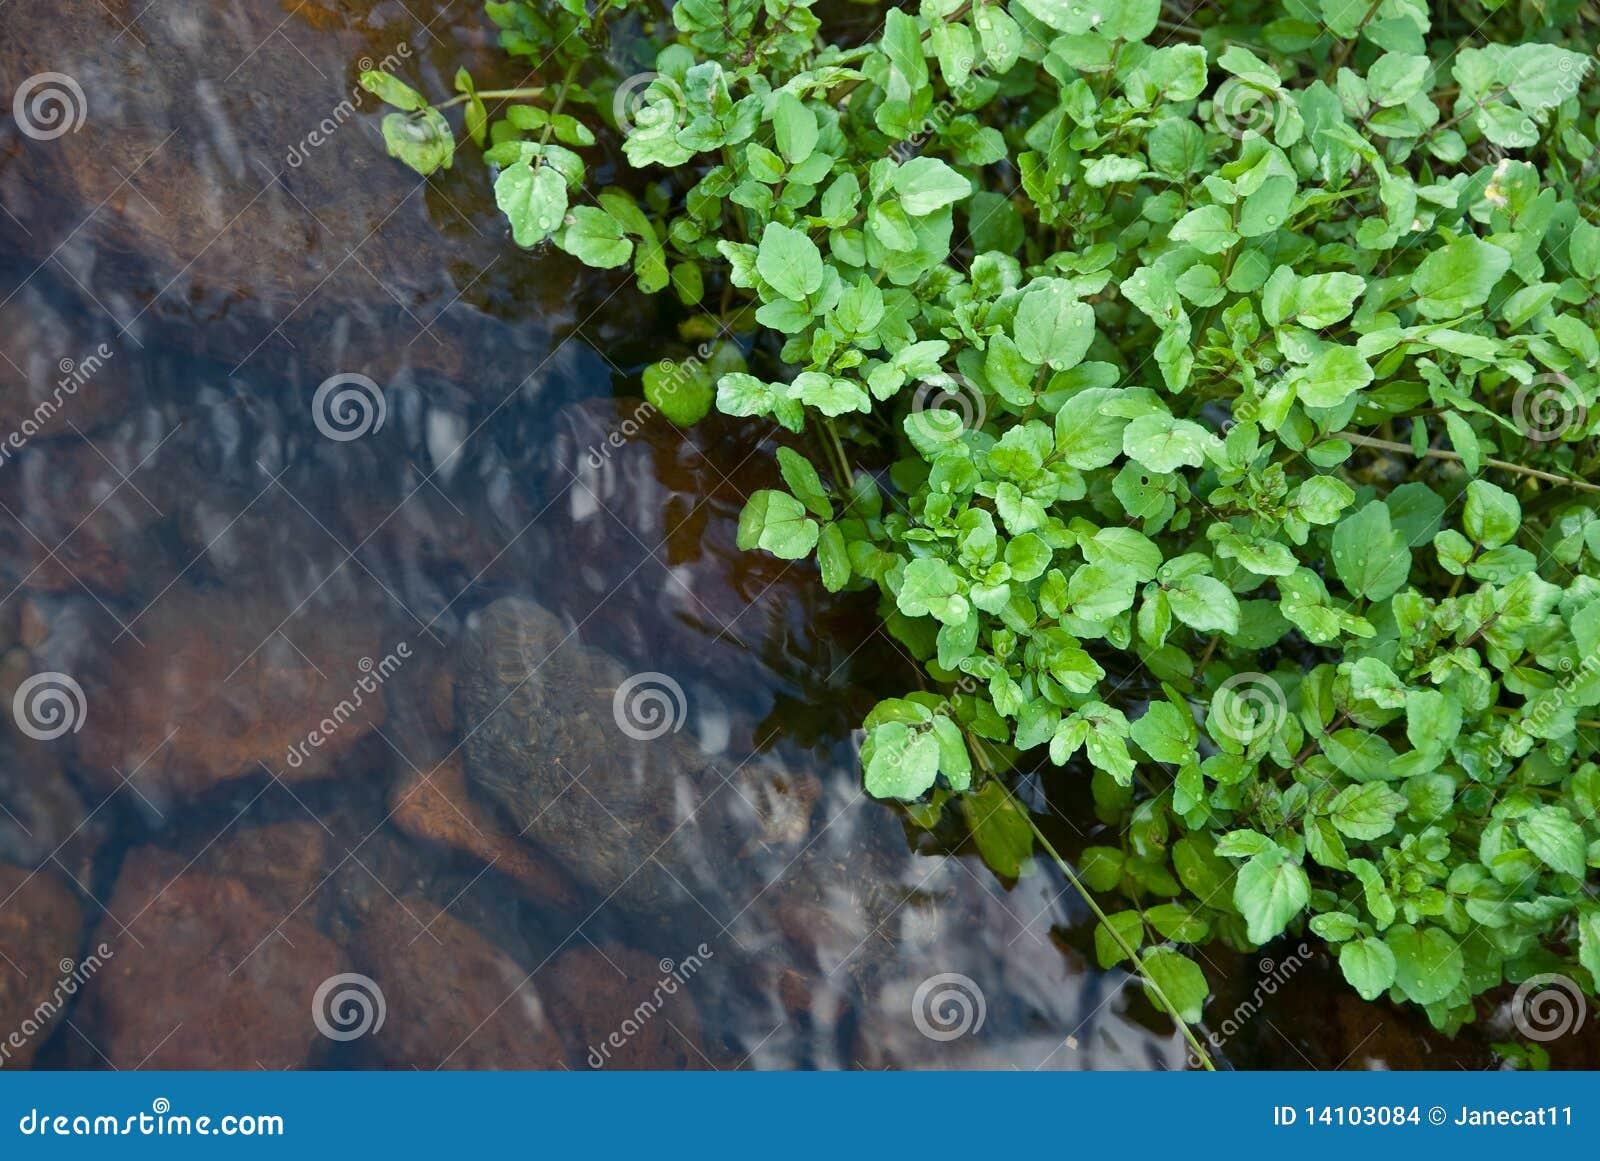 Watercress stream